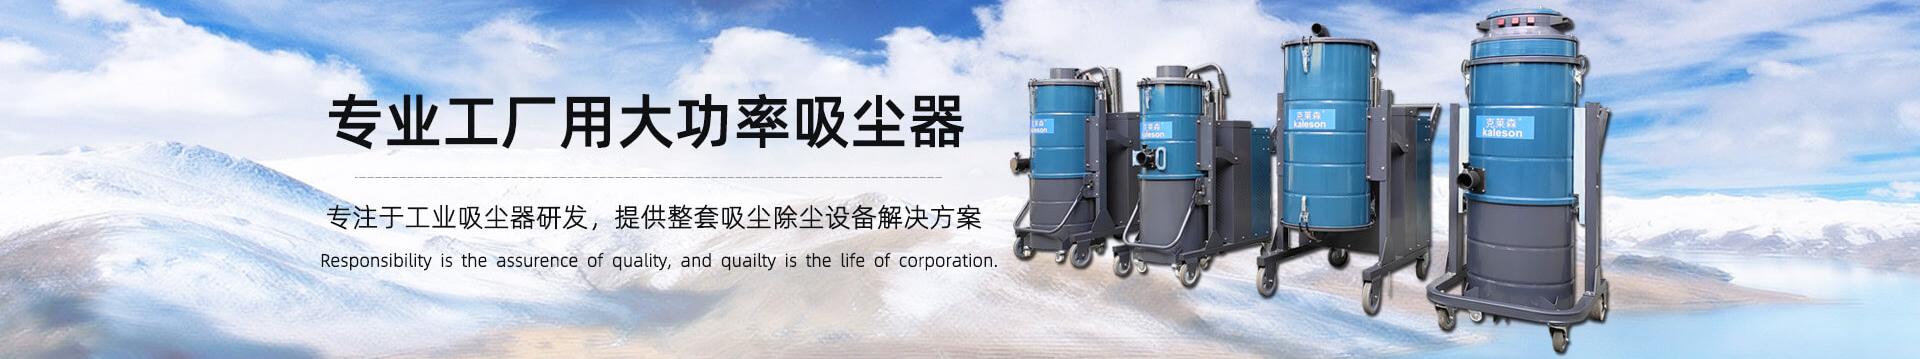 上海尘杰环保设备有限公司